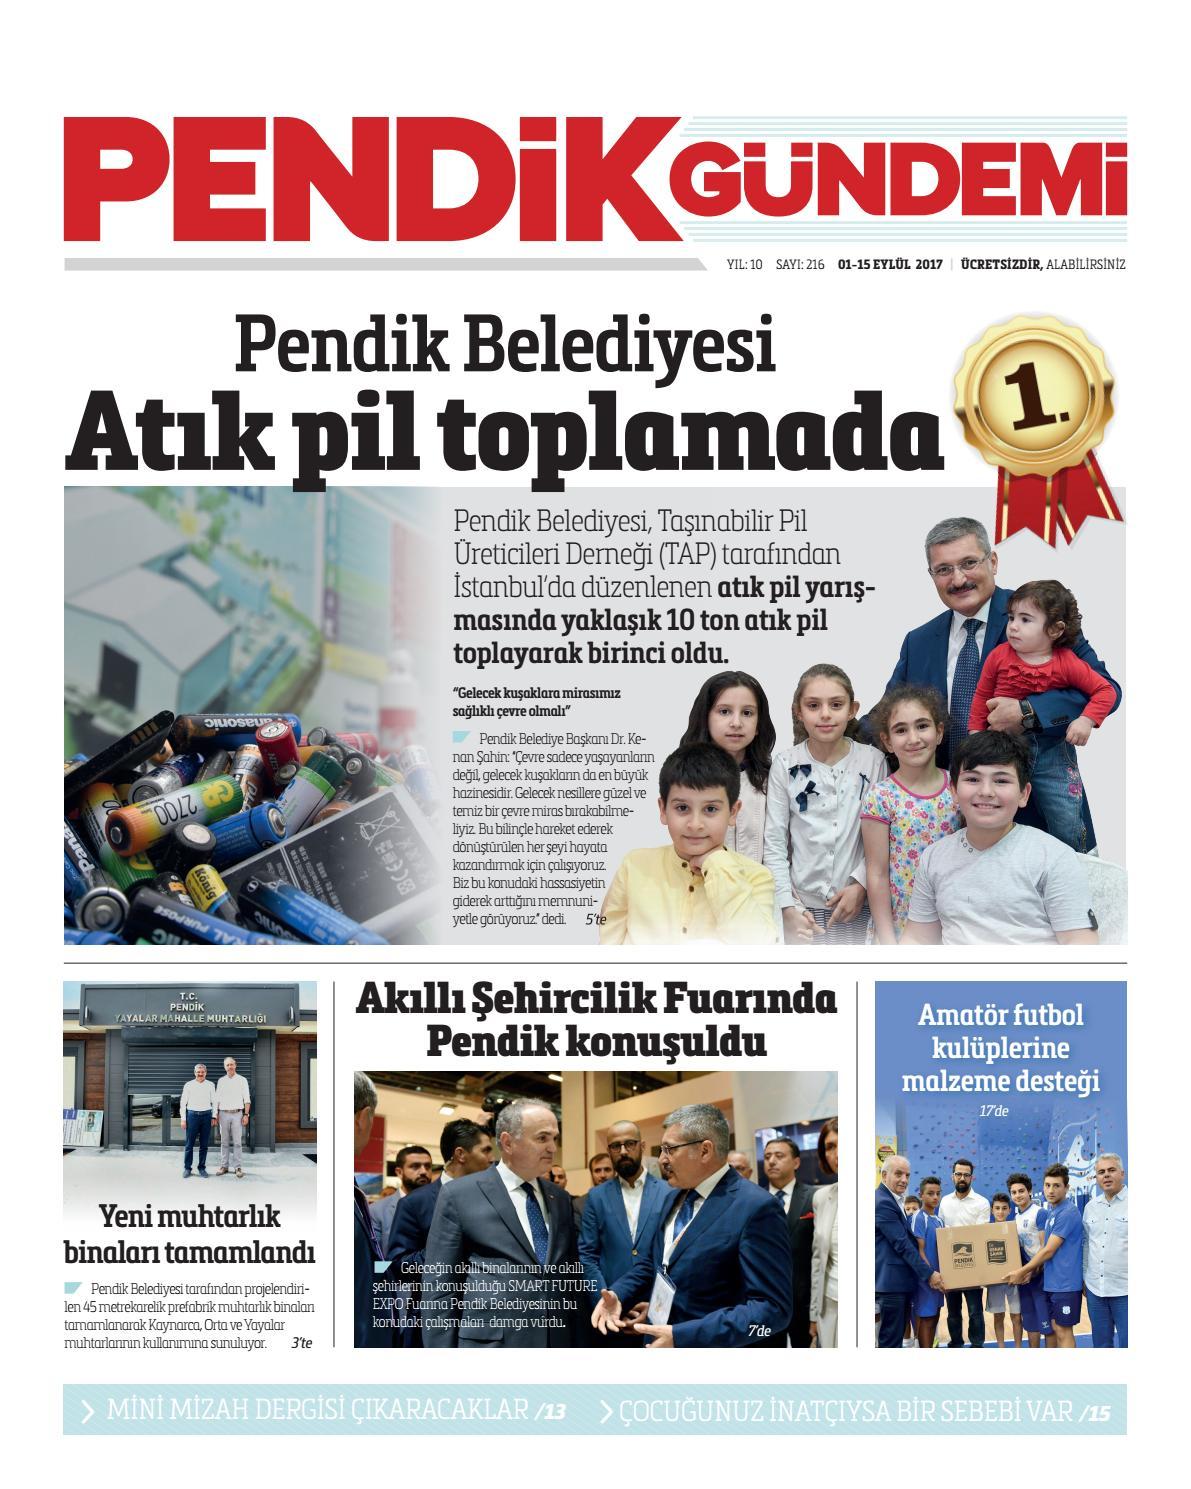 AKPli Şahin: Gün Gelecek AB Bize Muhtaç Olacak 88